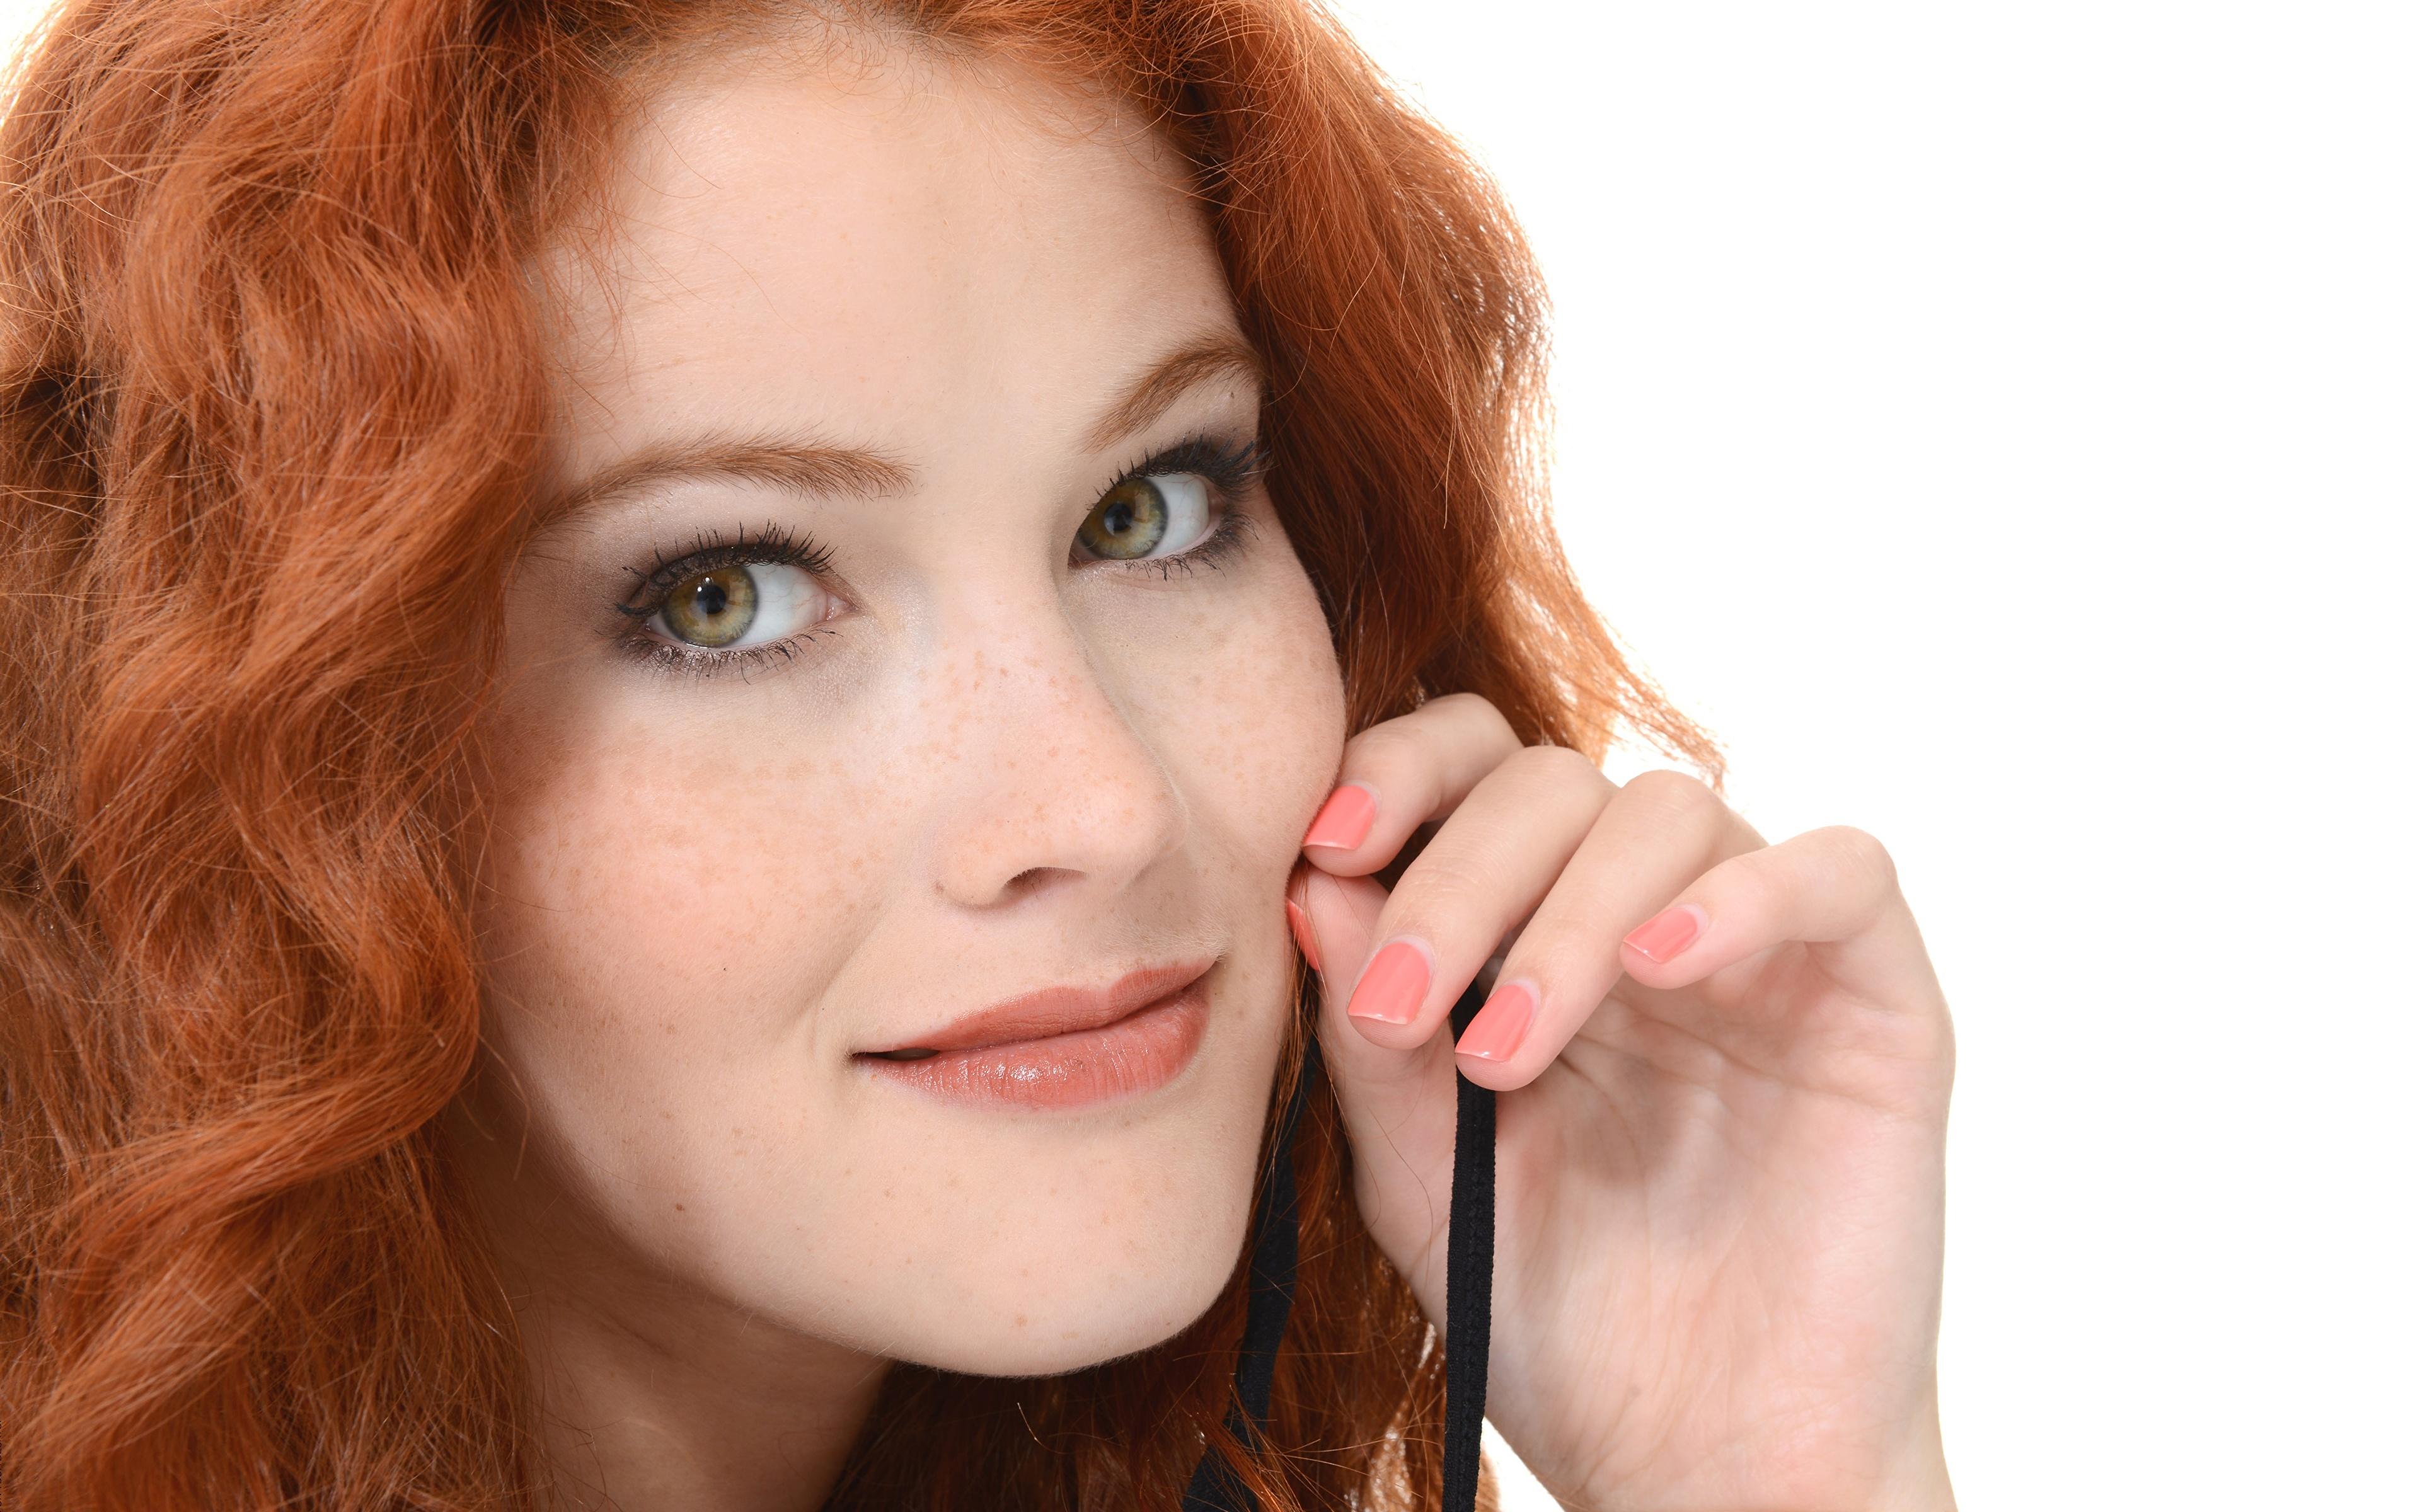 Картинка Heidi Romanova Рыжая Маникюр лица молодая женщина рука Взгляд 3840x2400 рыжие рыжих маникюра Лицо девушка Девушки молодые женщины Руки смотрит смотрят